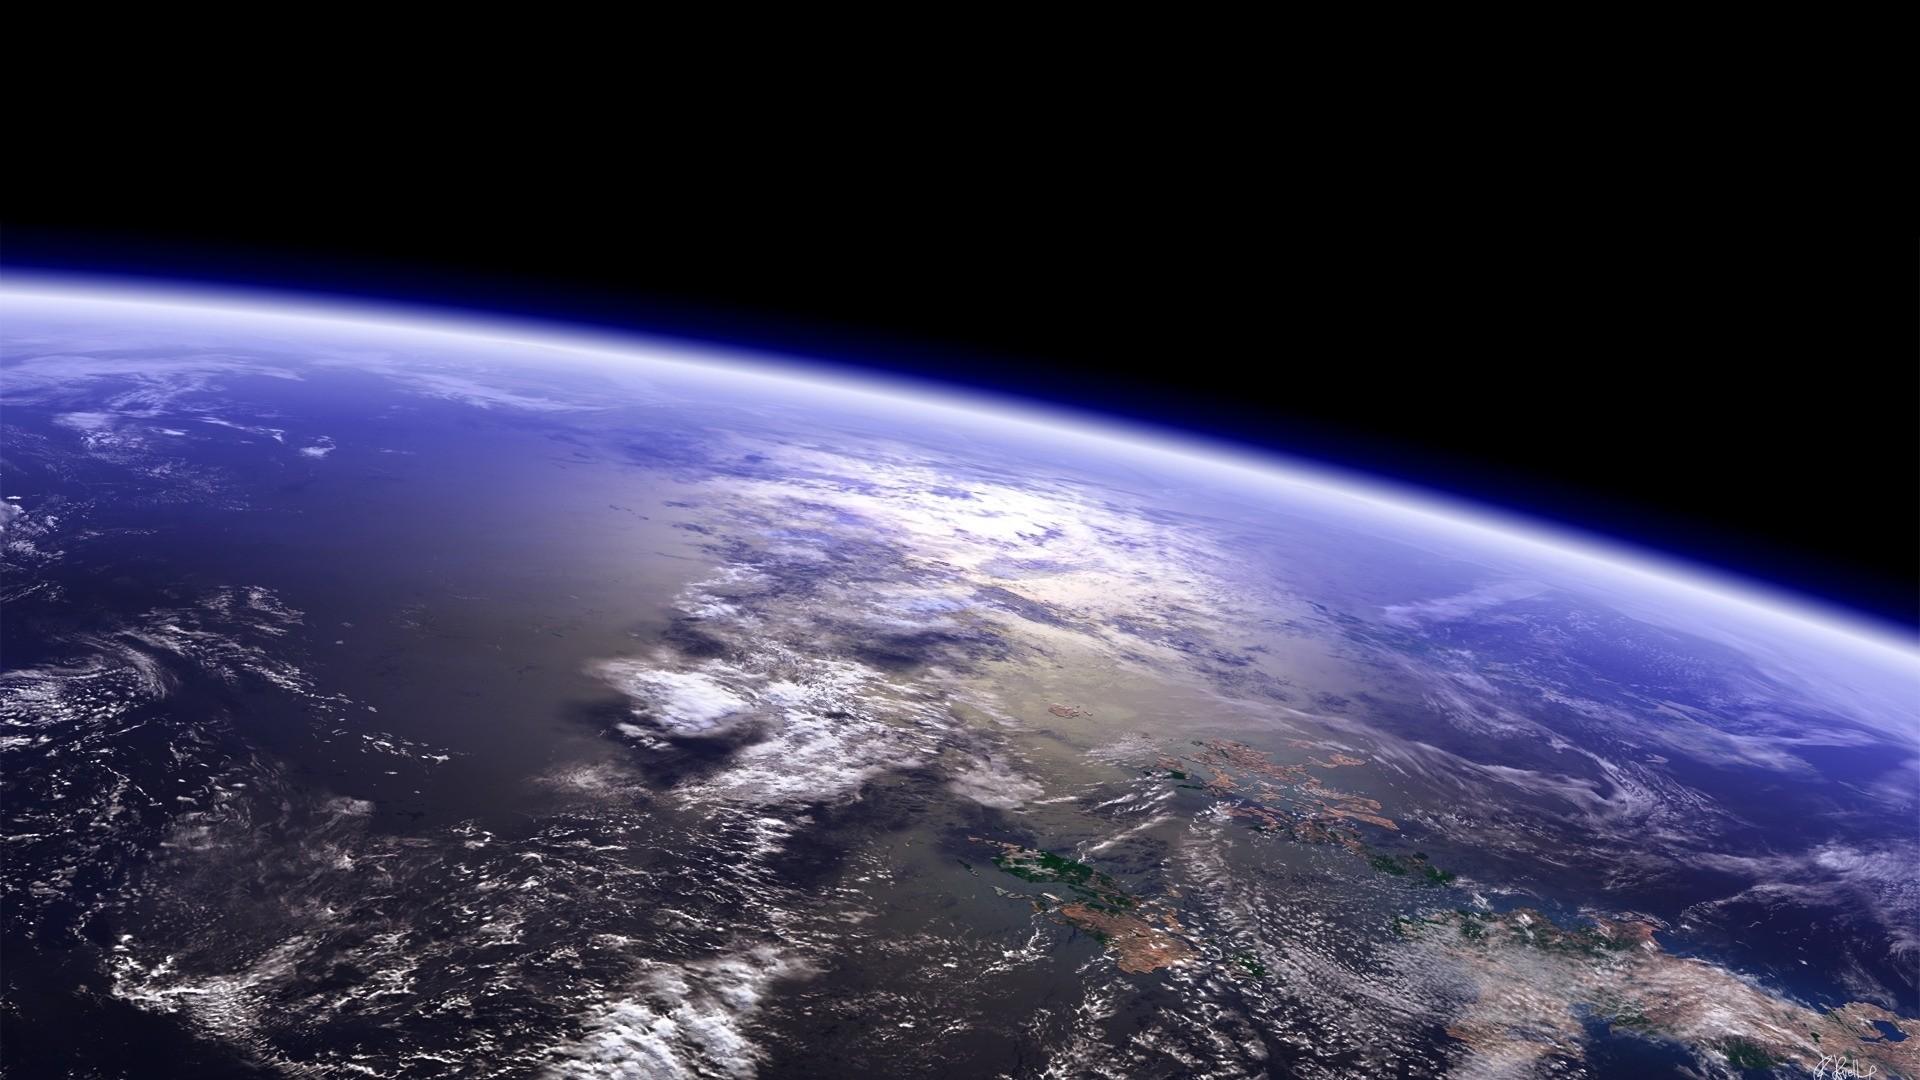 СМИ говорили о планах S7 и«Роскосмос» построить космодром наорбите Земли